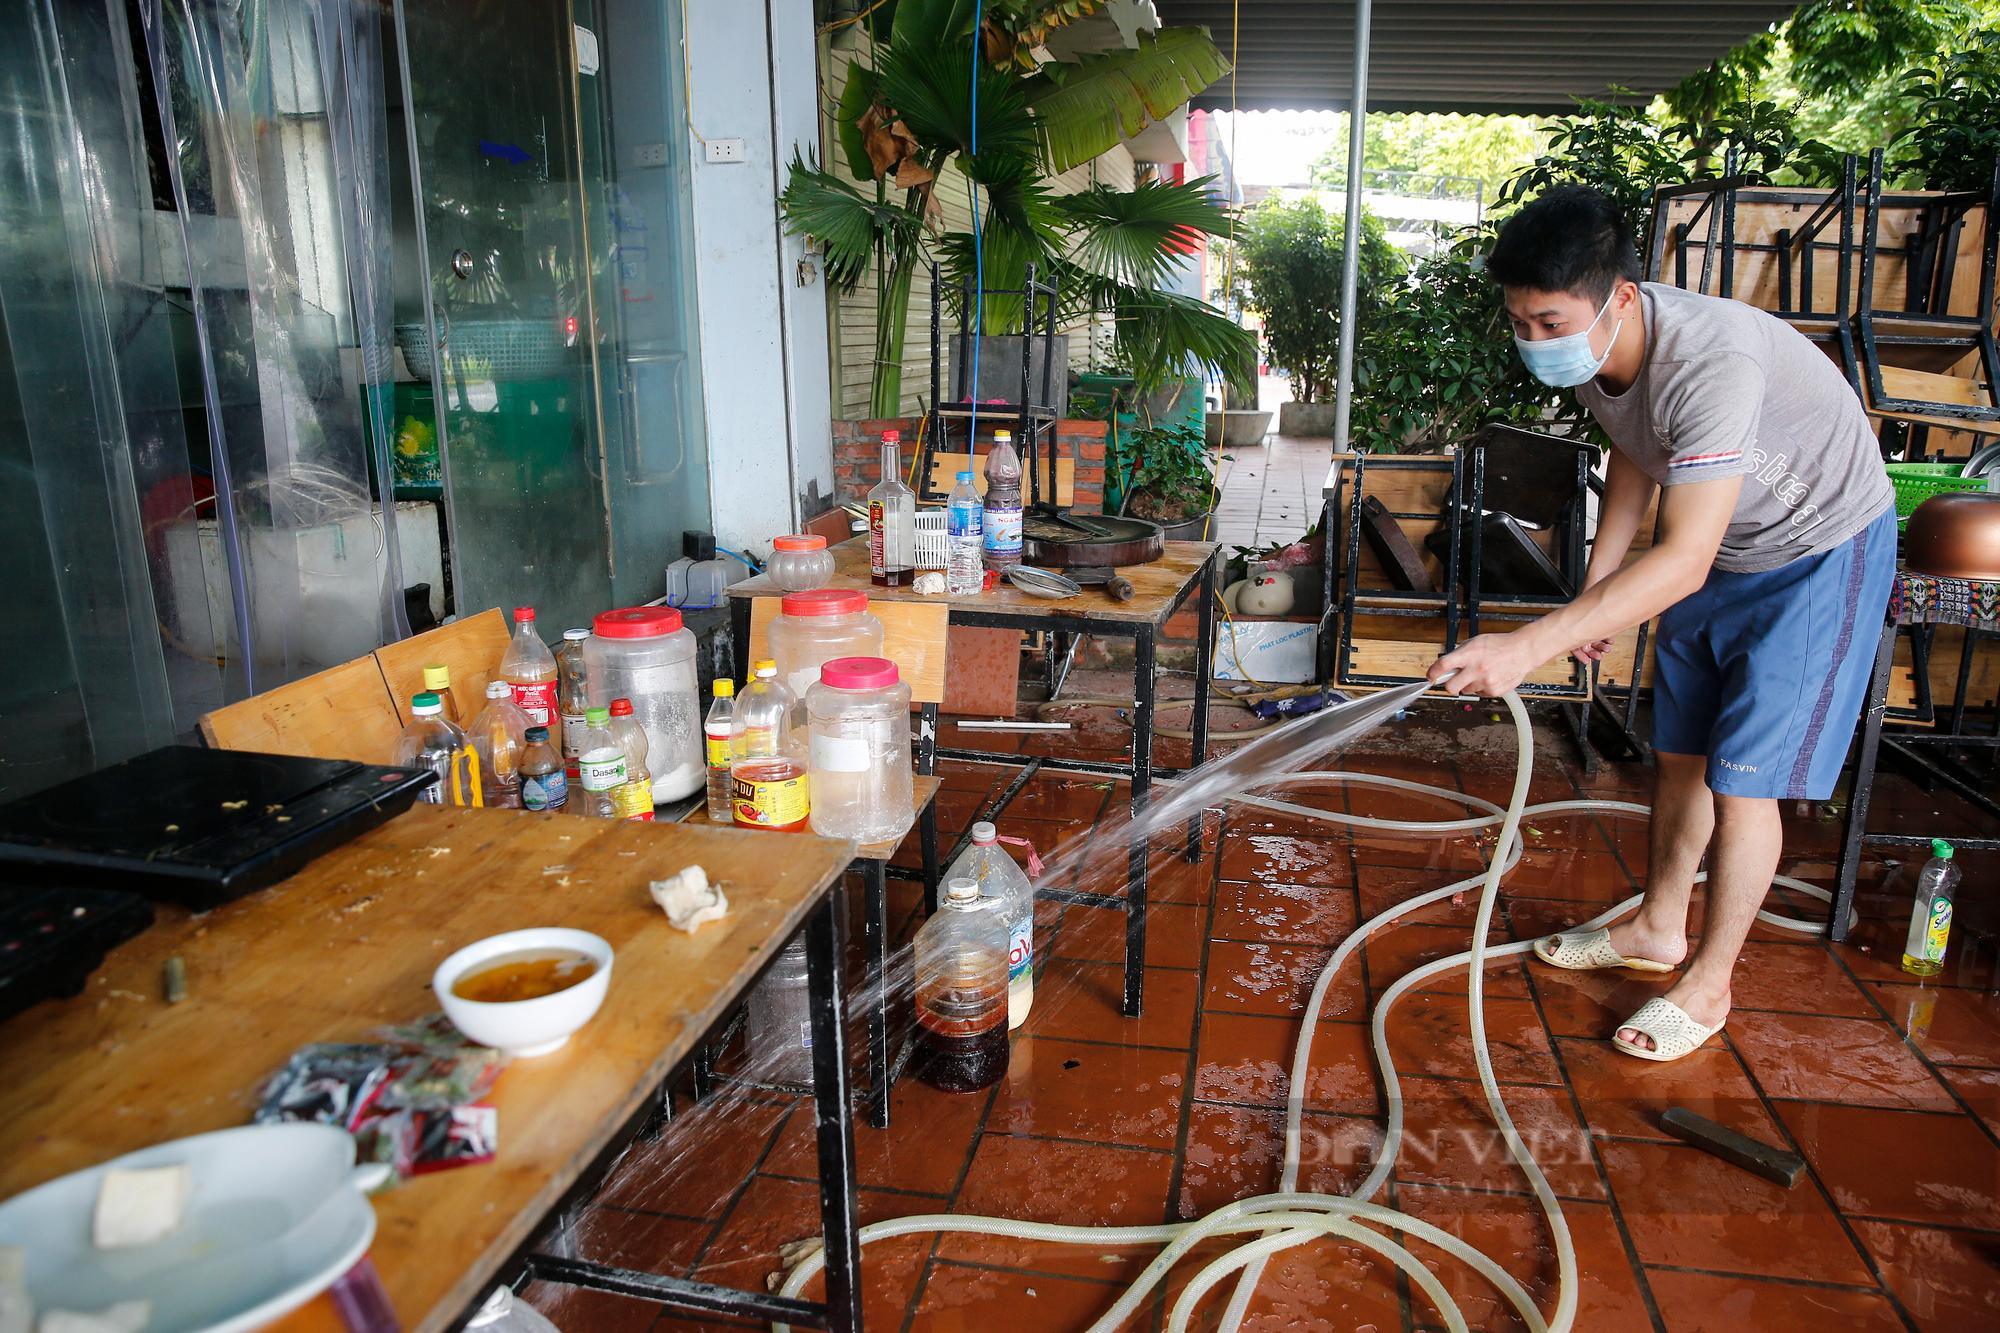 Bia hơi Hà Nội bắt đầu nhộn nhịp người mua mang về  - Ảnh 13.